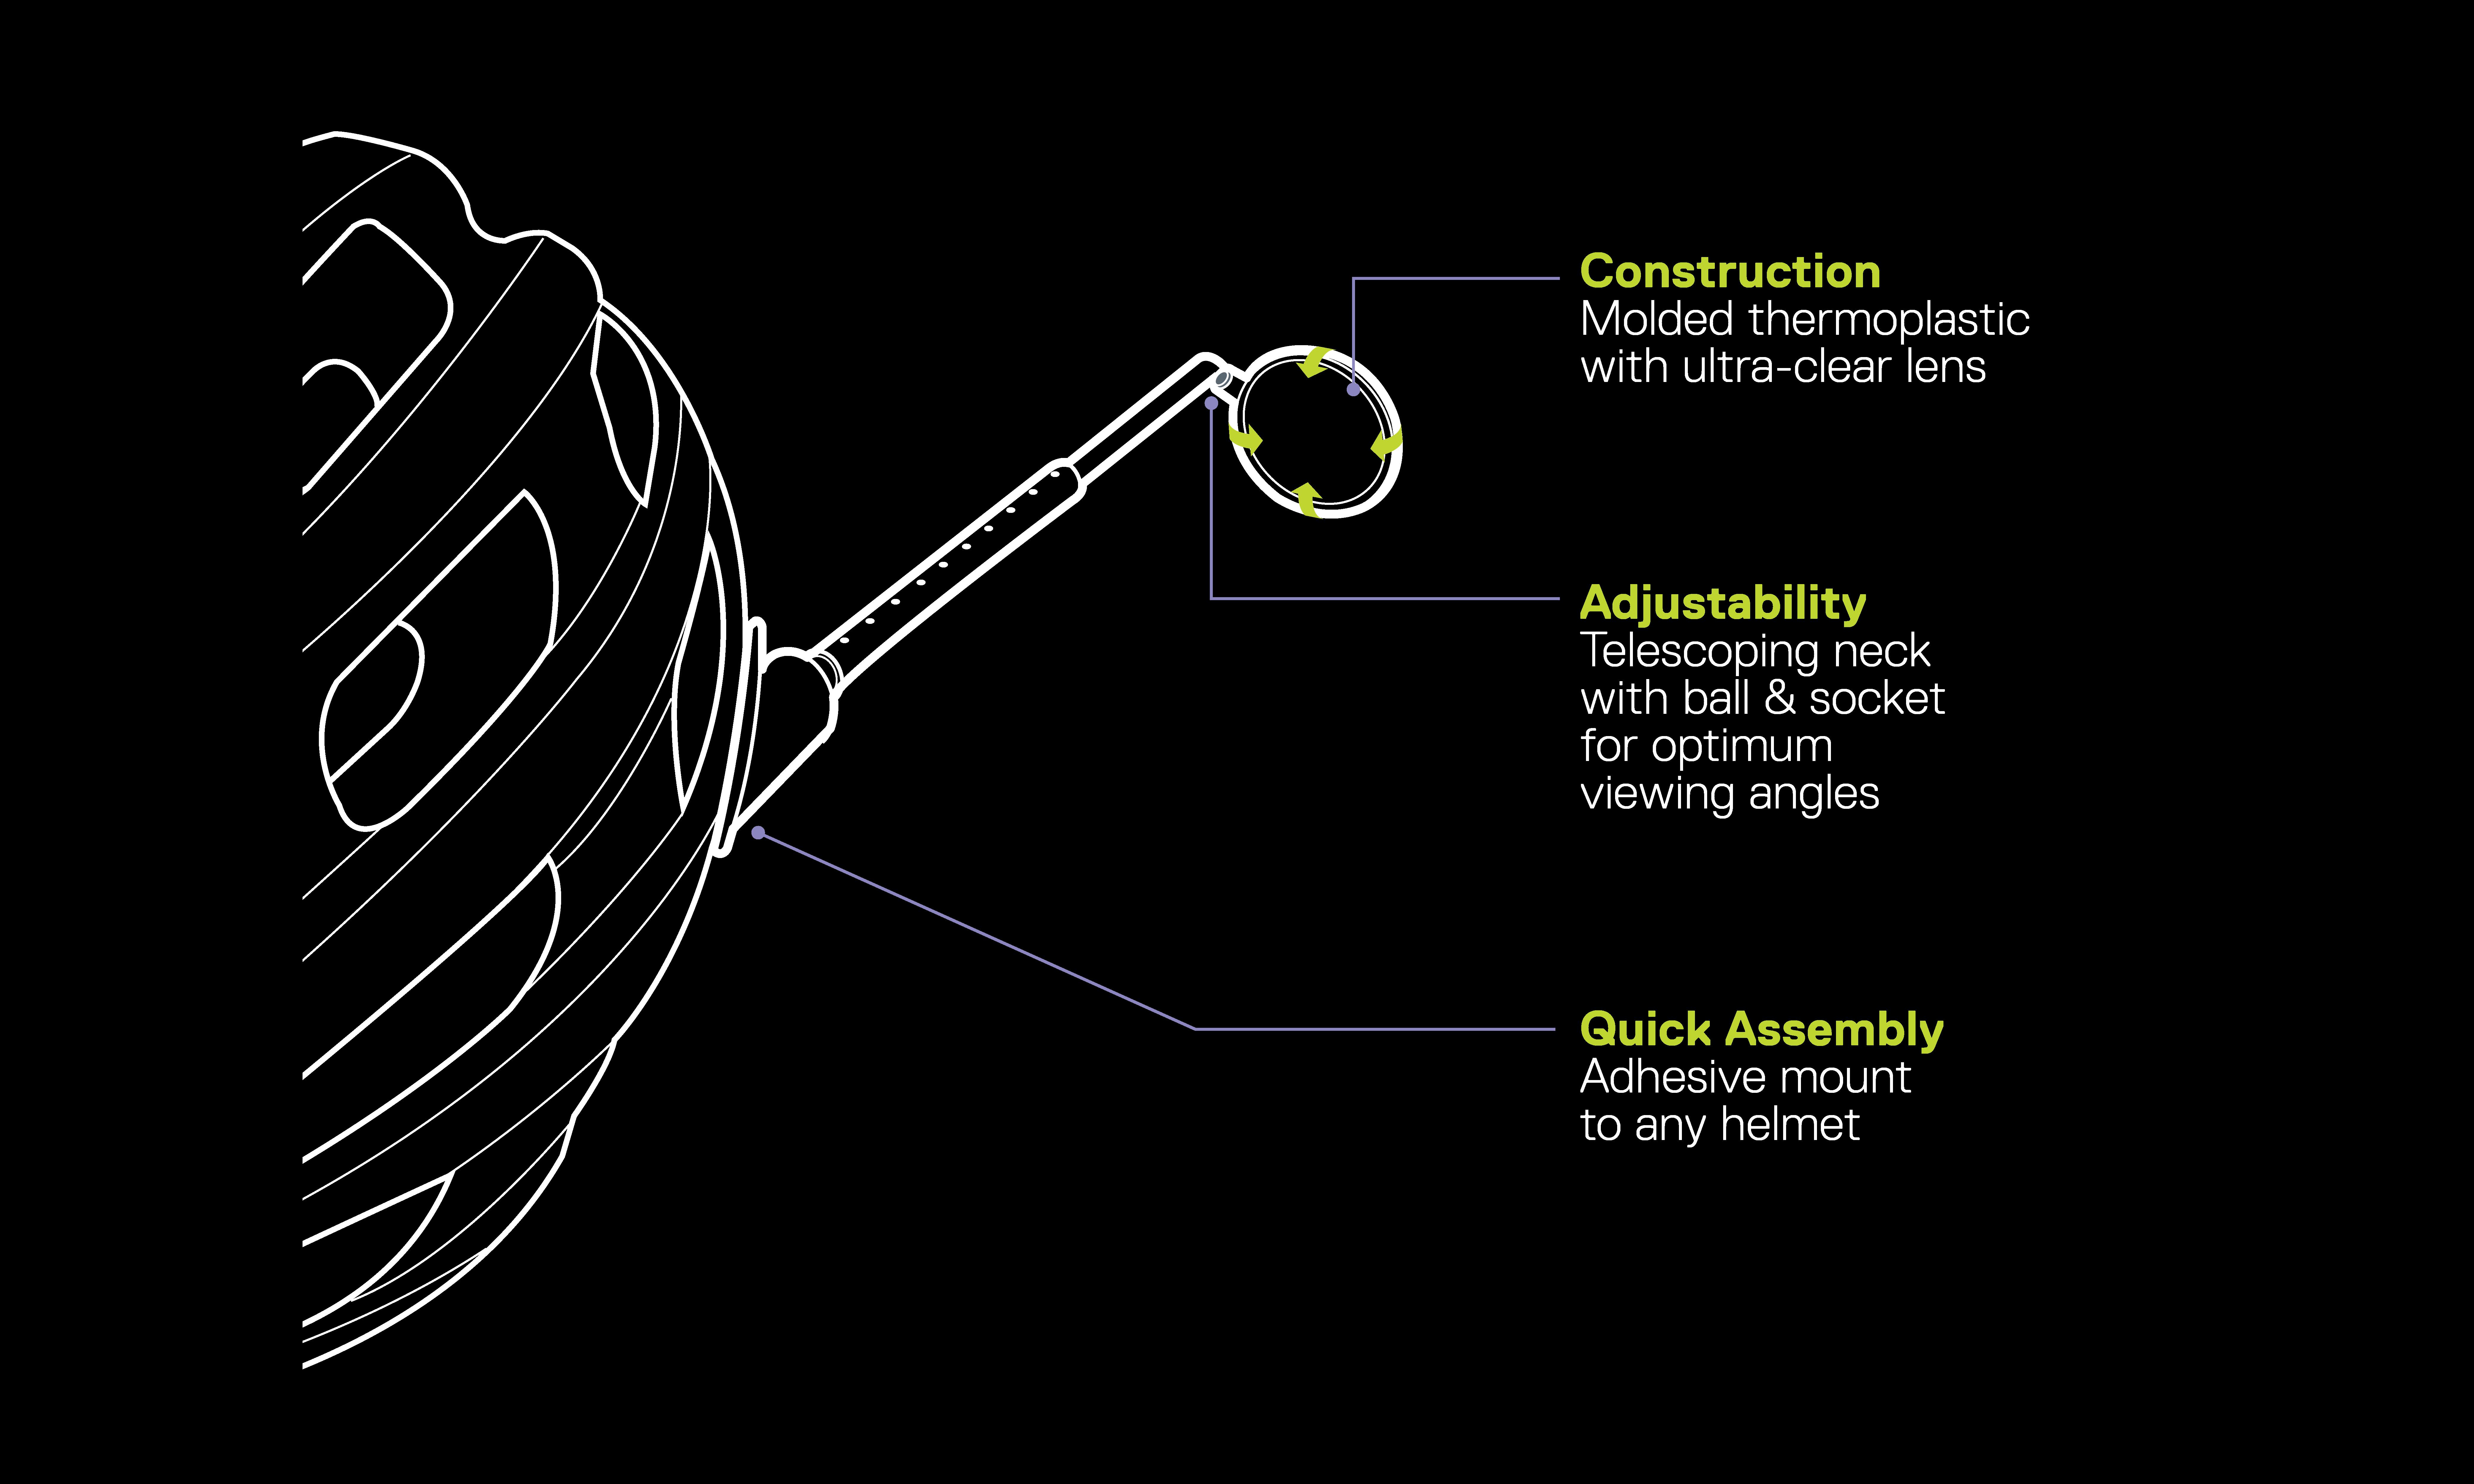 Helmet Safety Mirror diagram